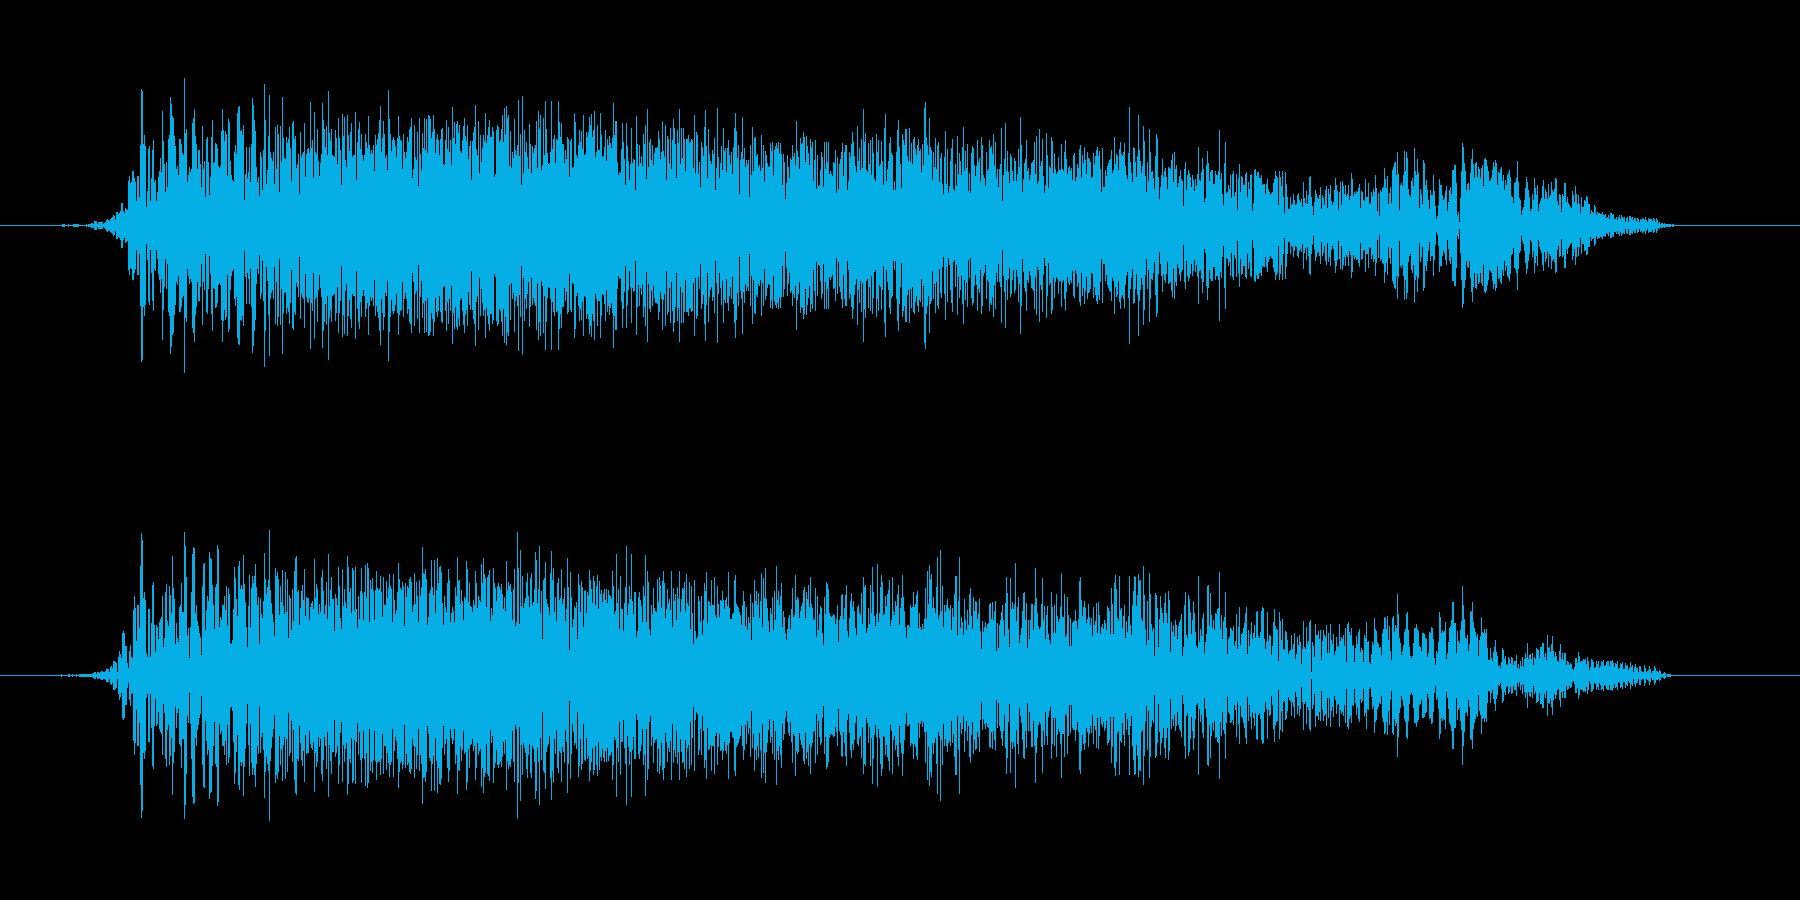 ギューンという上昇感のある音の再生済みの波形